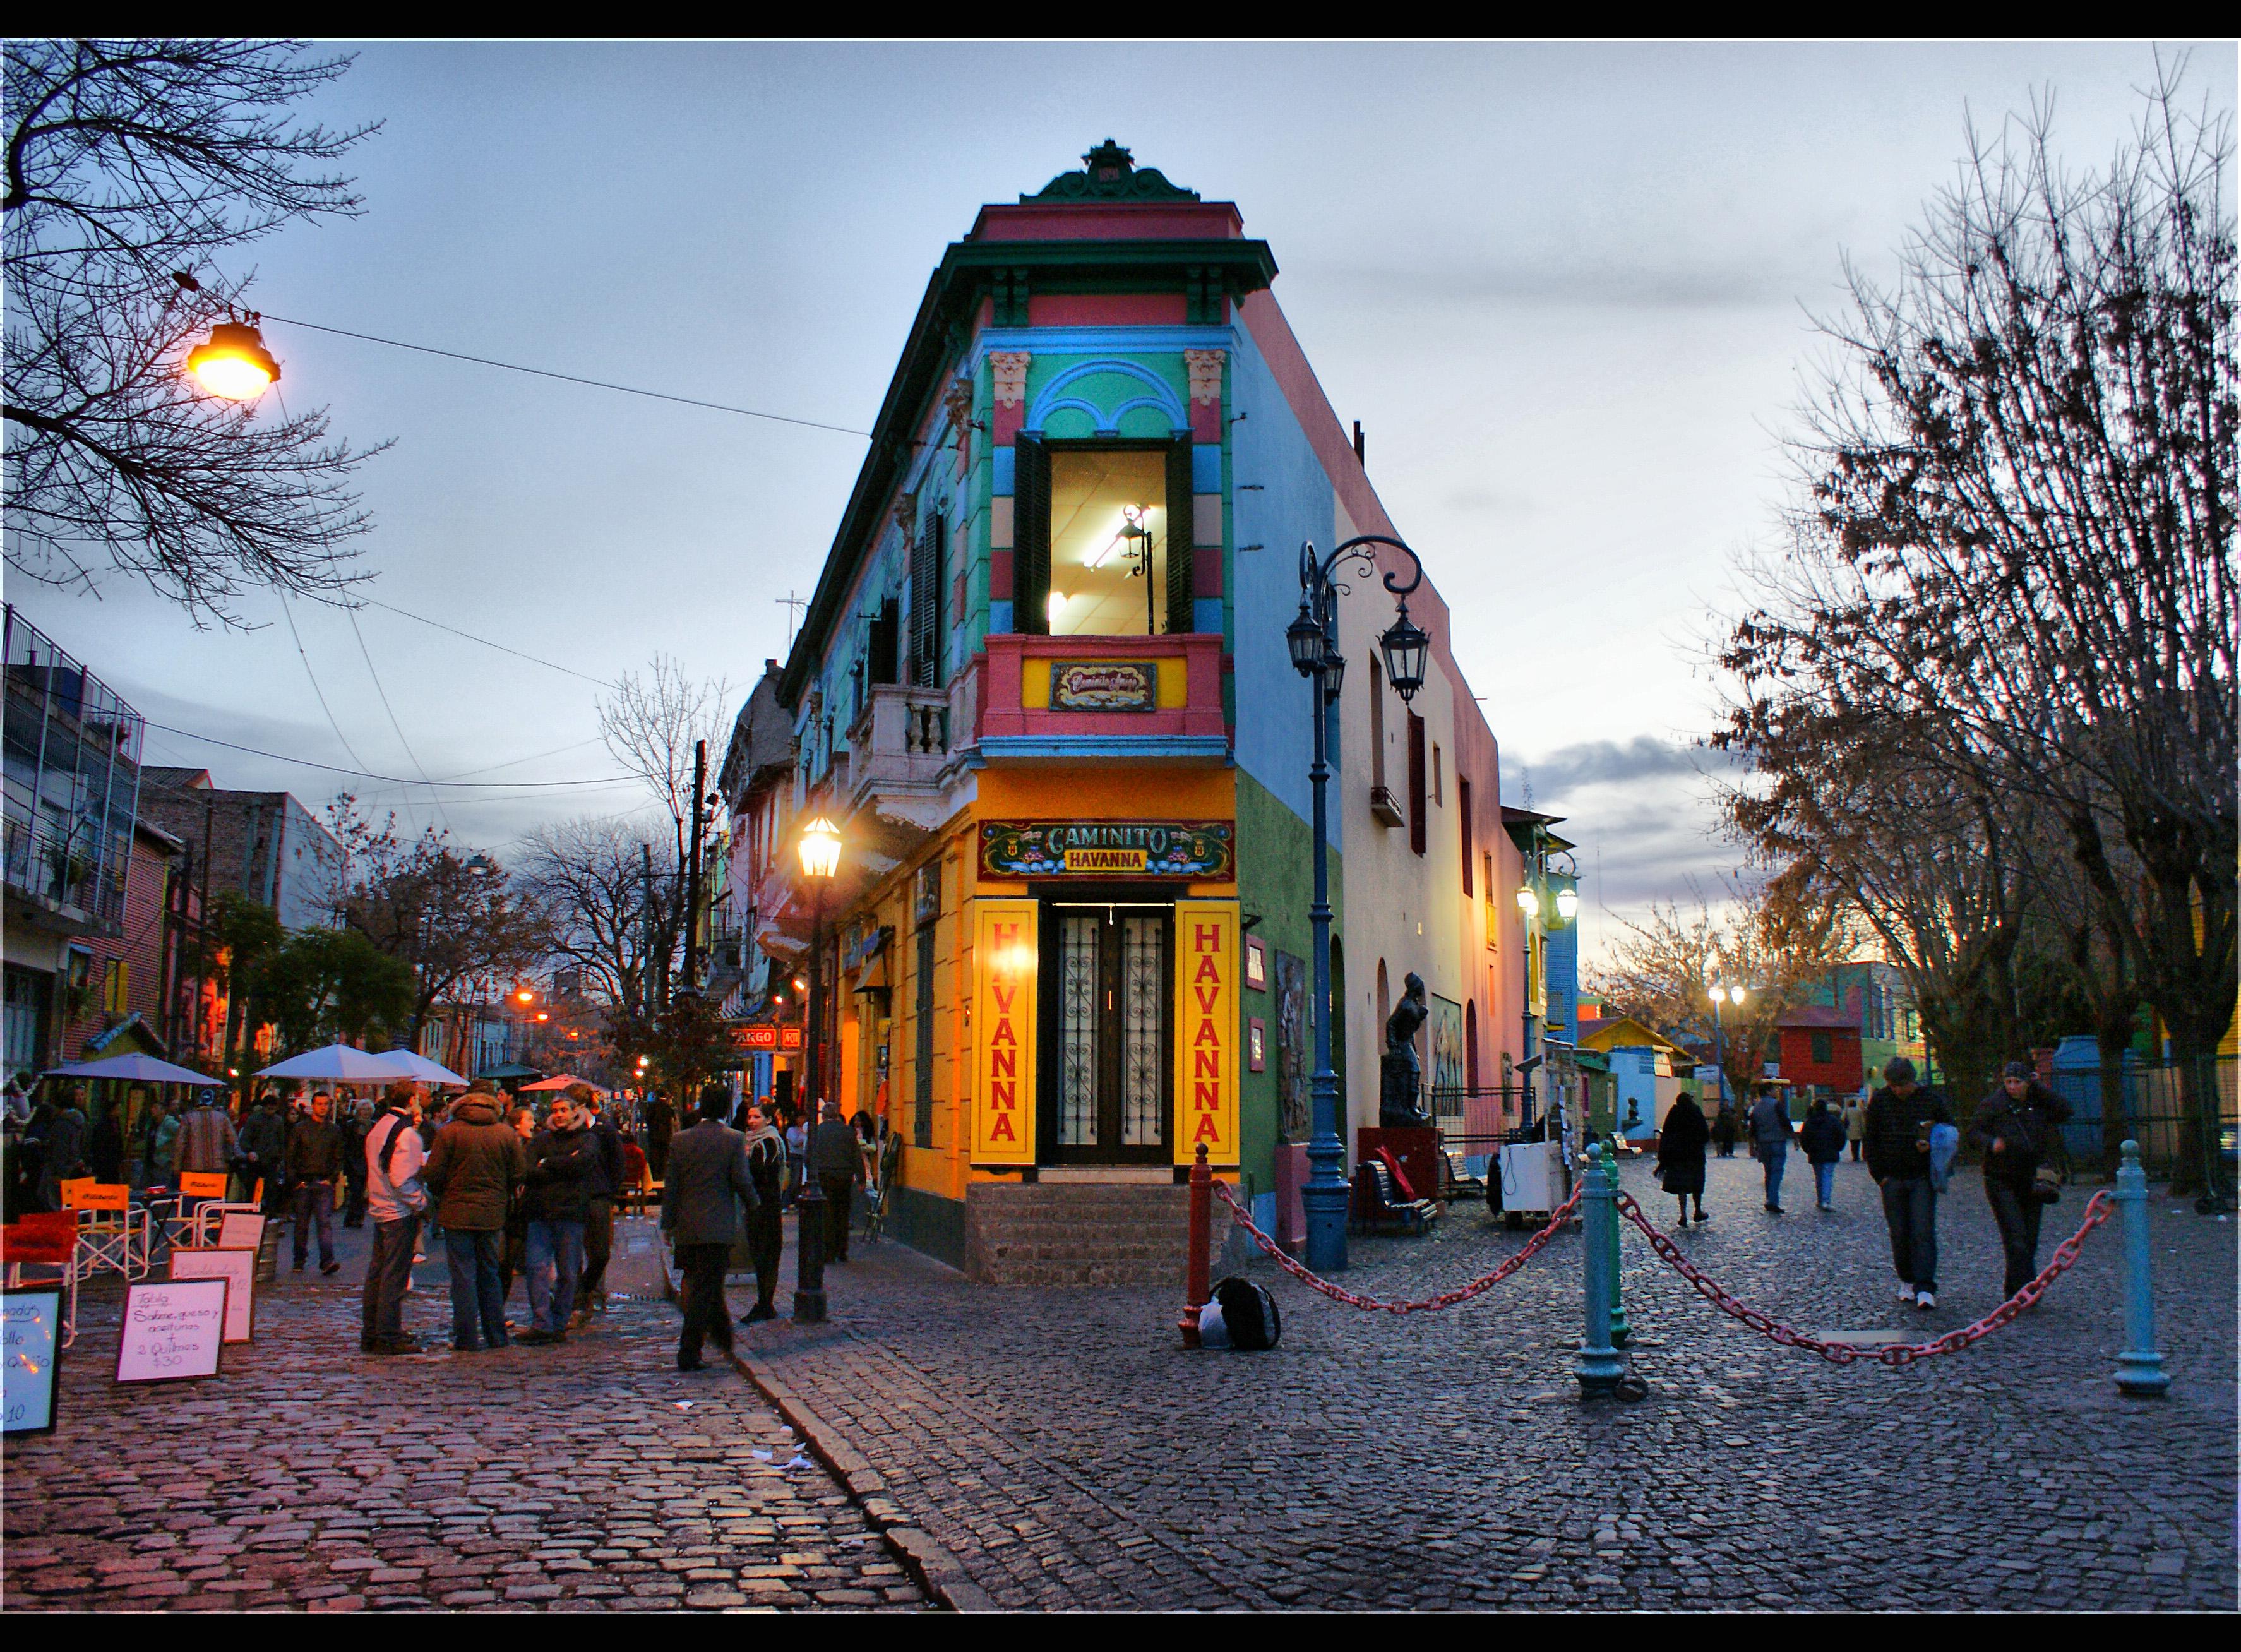 Migliori locali del quartiere La Boca a Buenos Aires